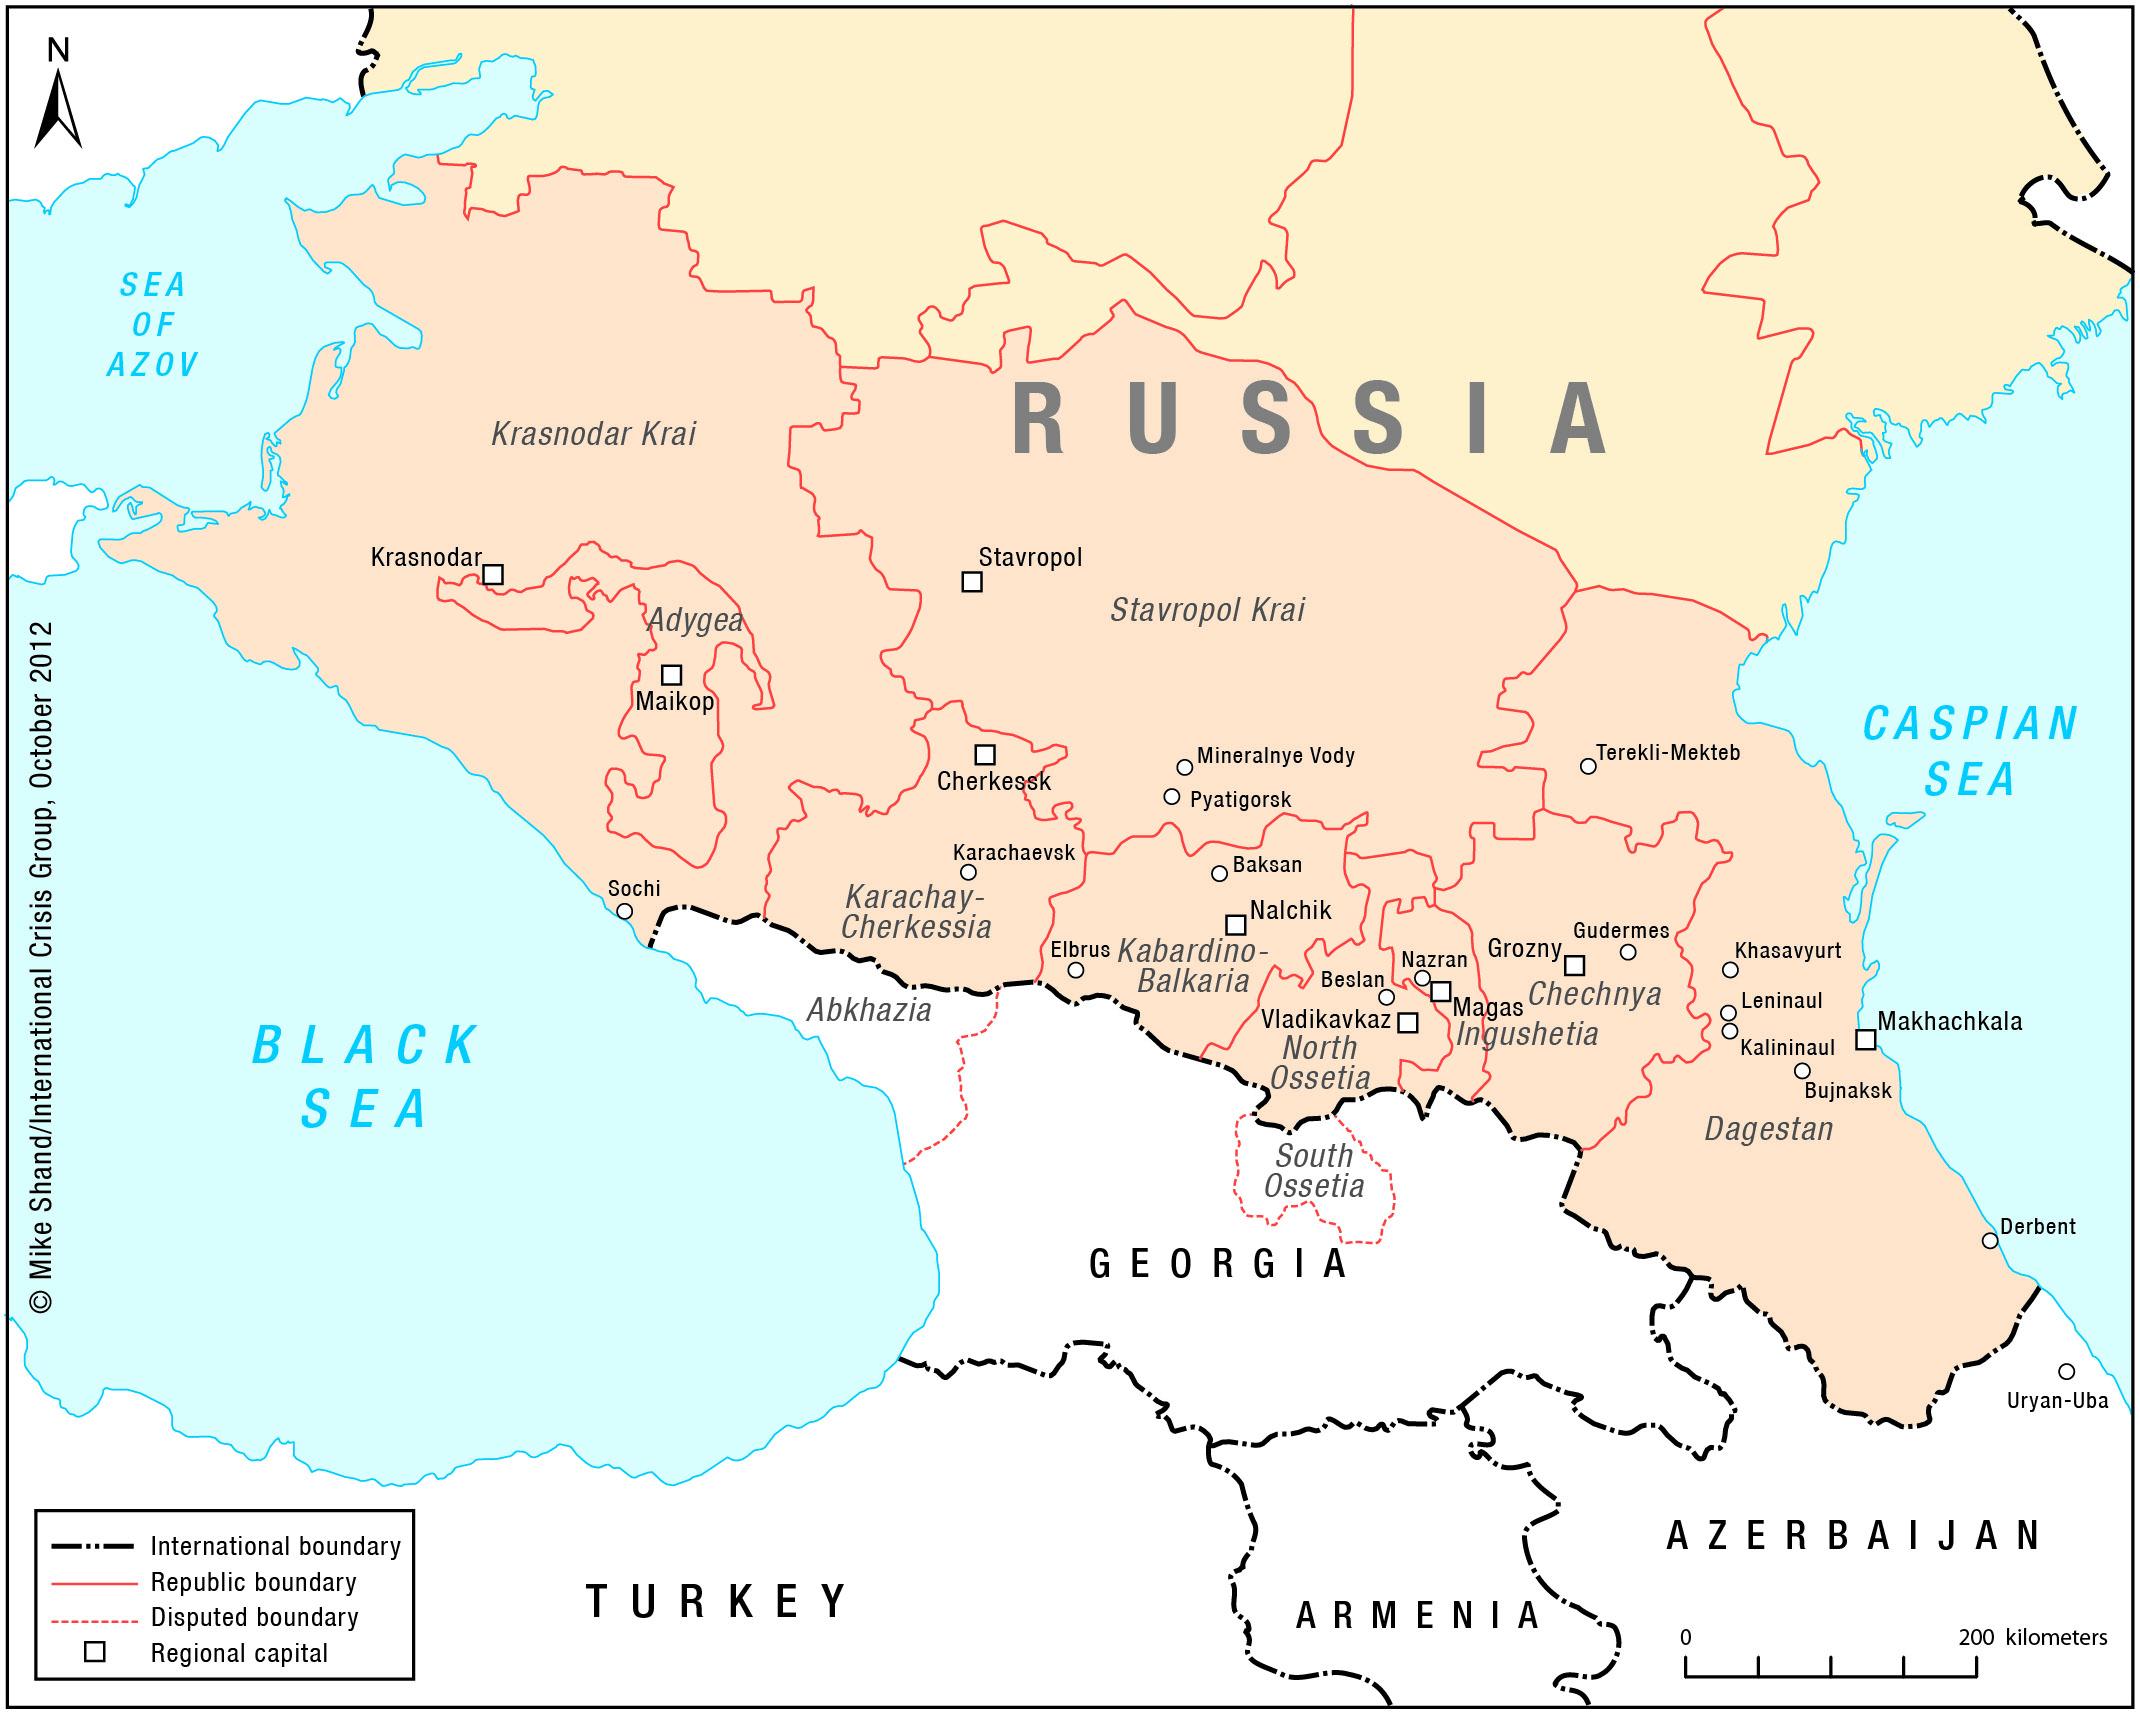 North Caucasus Maps Eurasian Geopolitics - Caucasus map